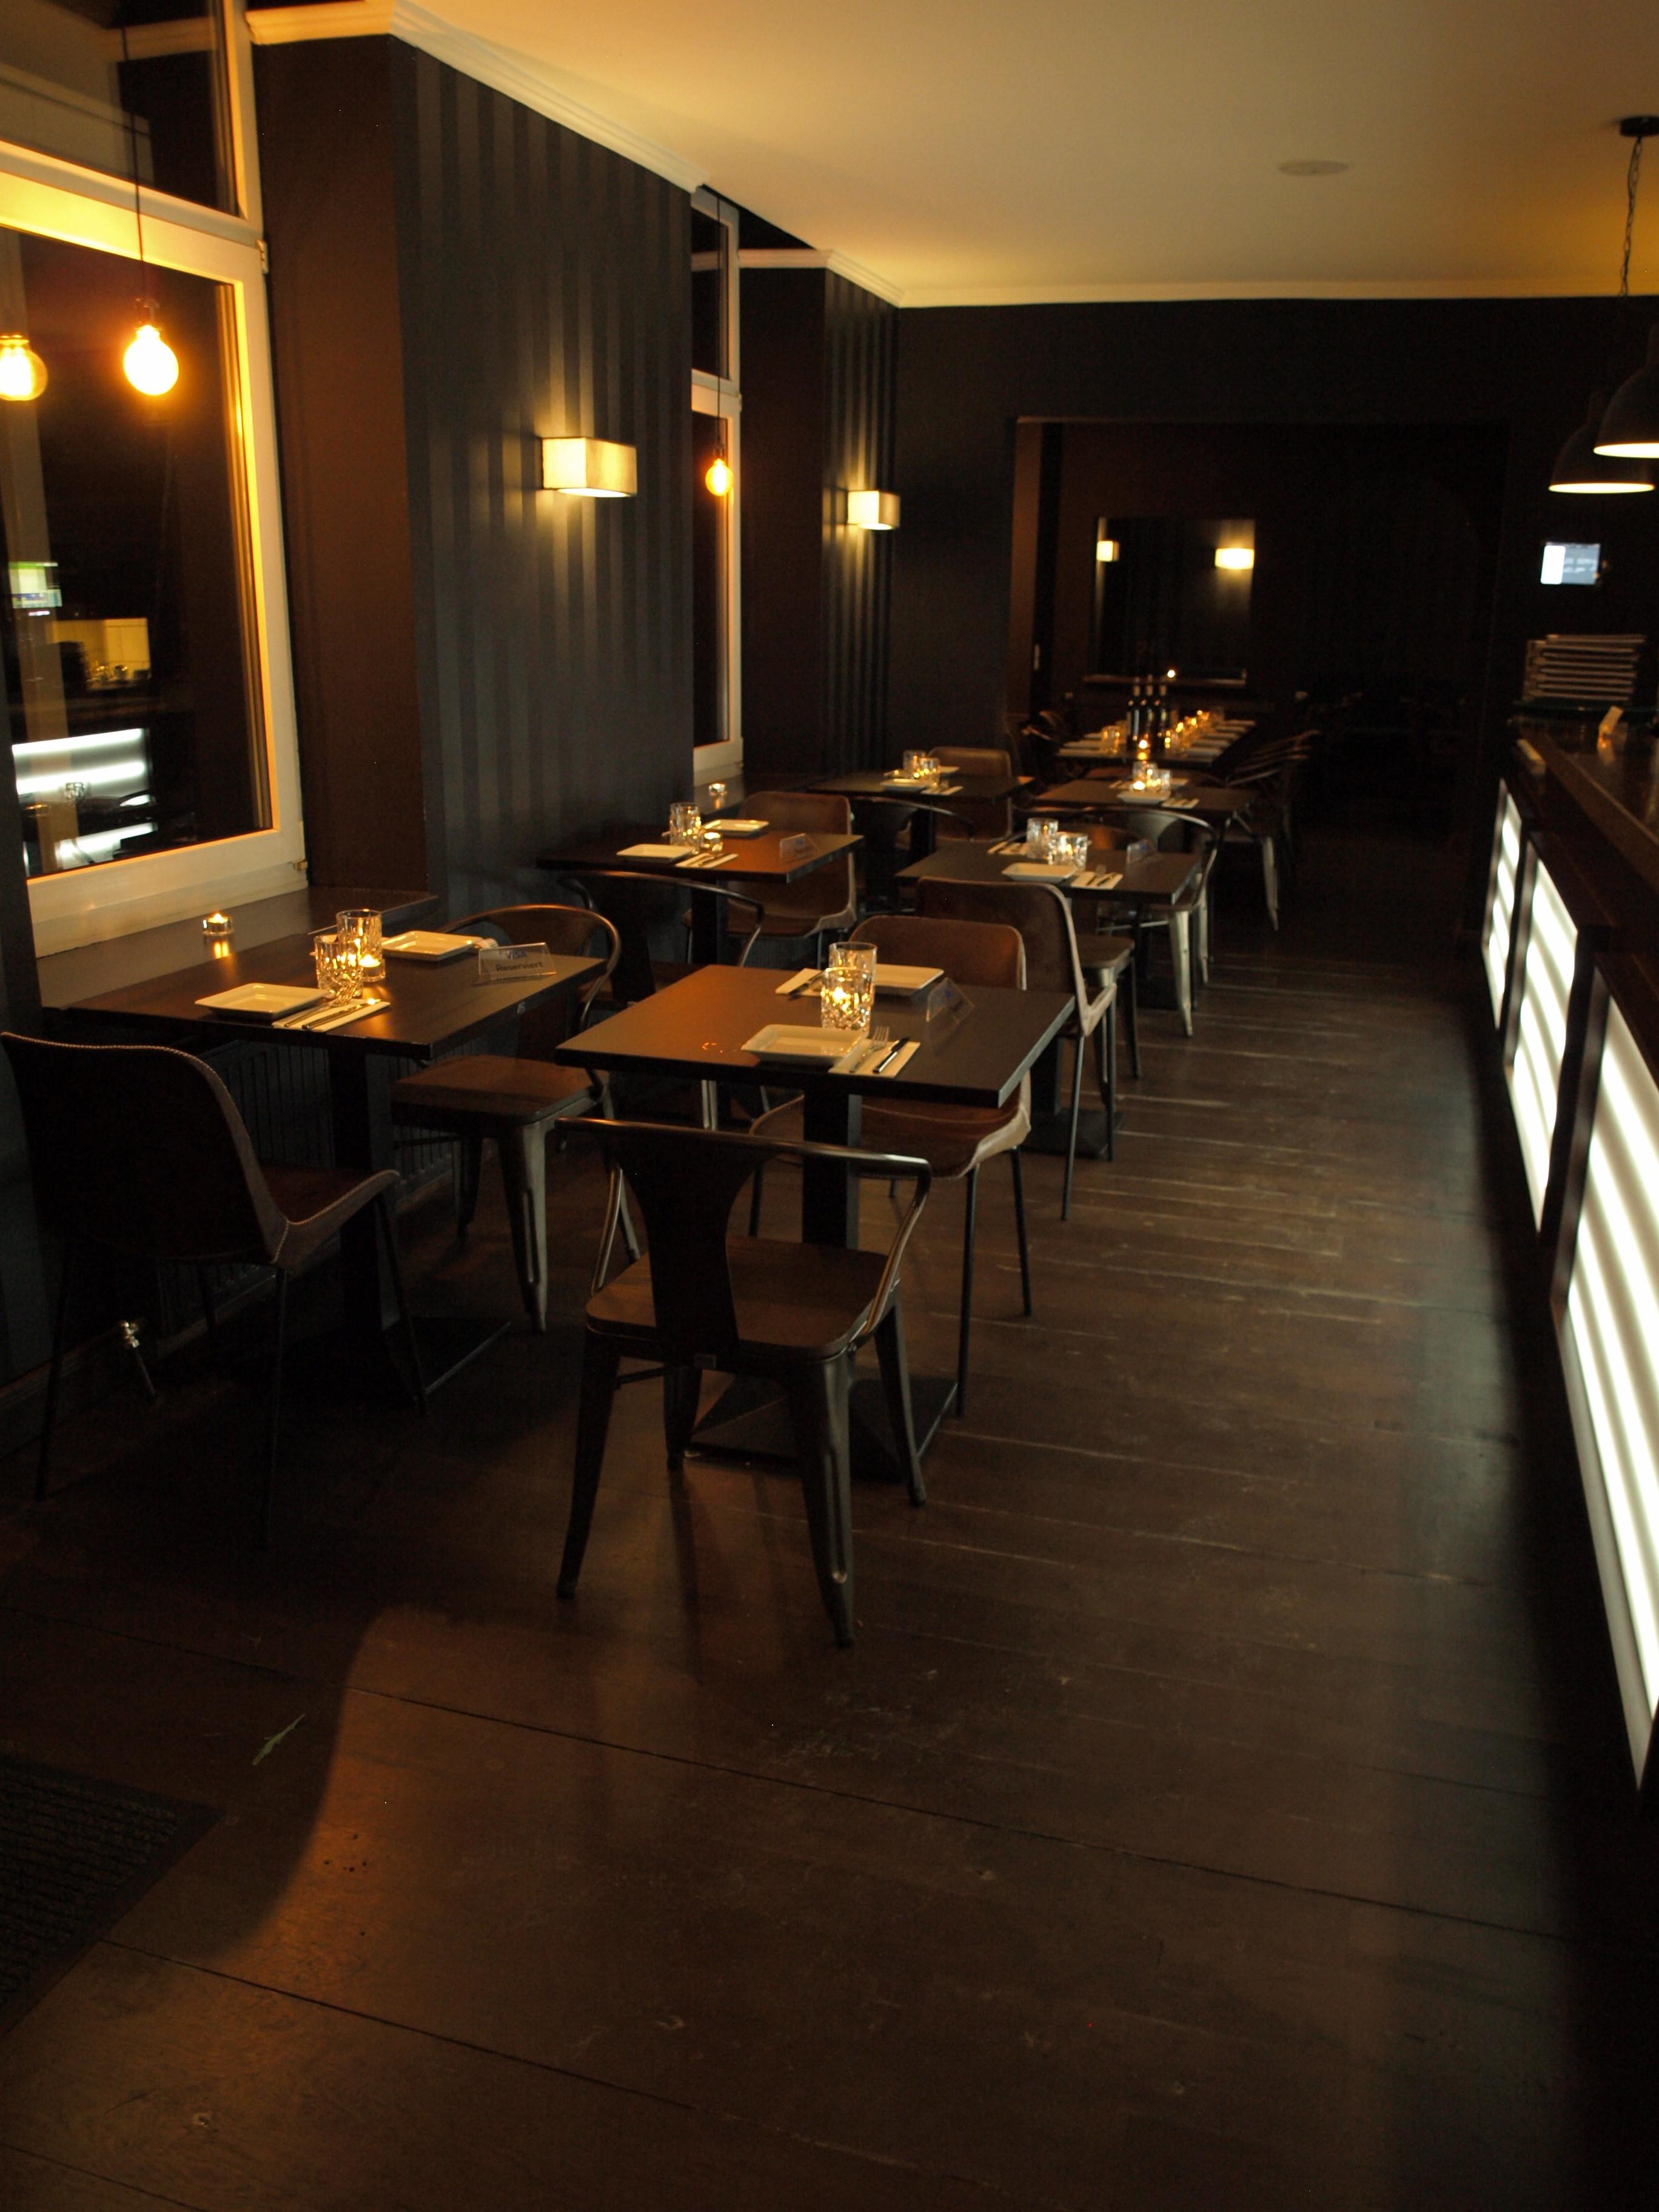 restaurant hsv norderstedt